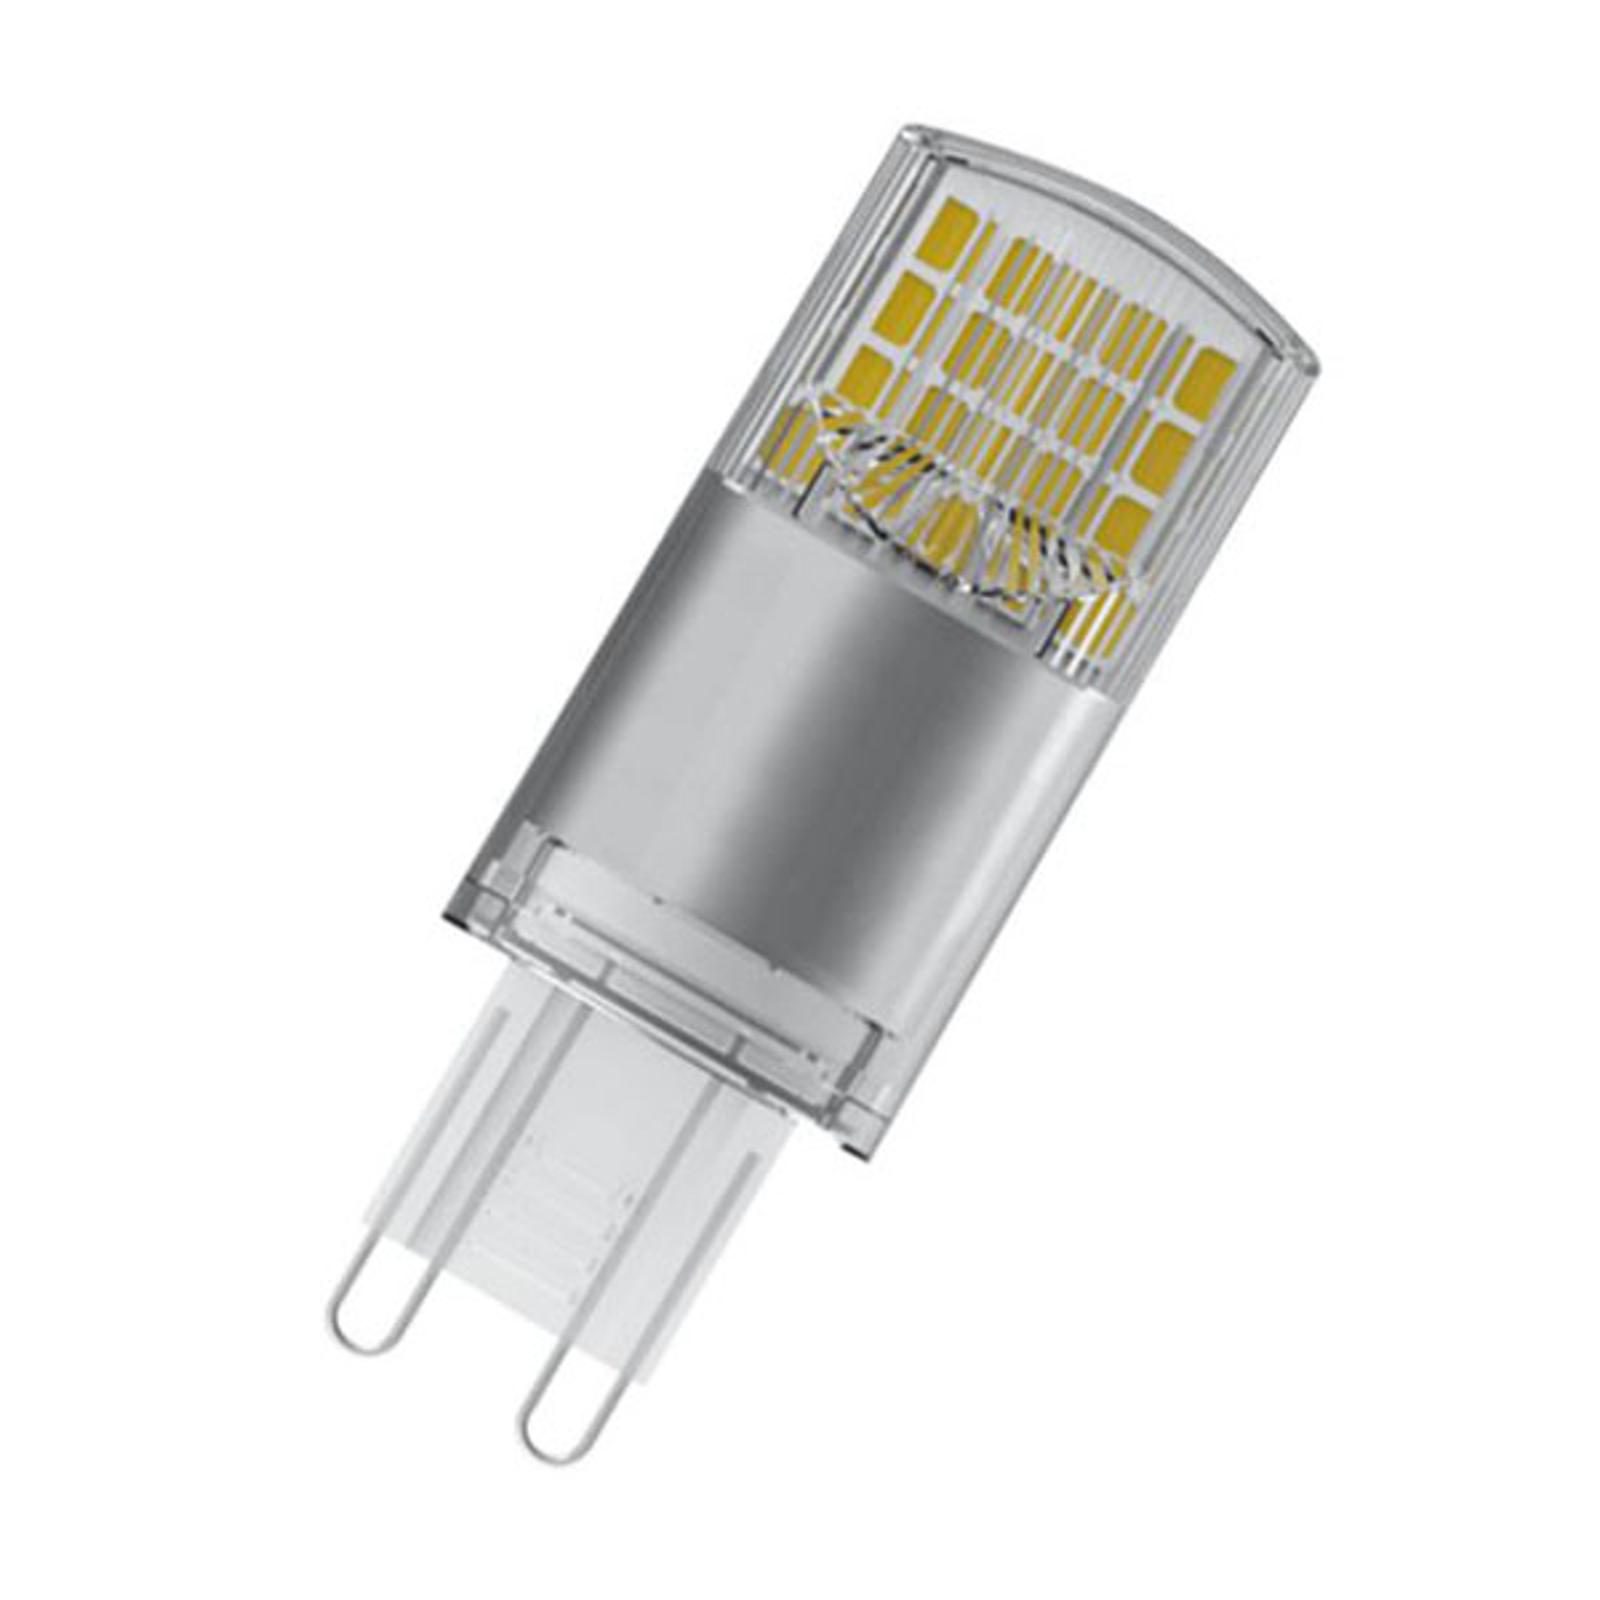 OSRAM LED-stiftpære G9 3,8 W 2700K klar 2-er